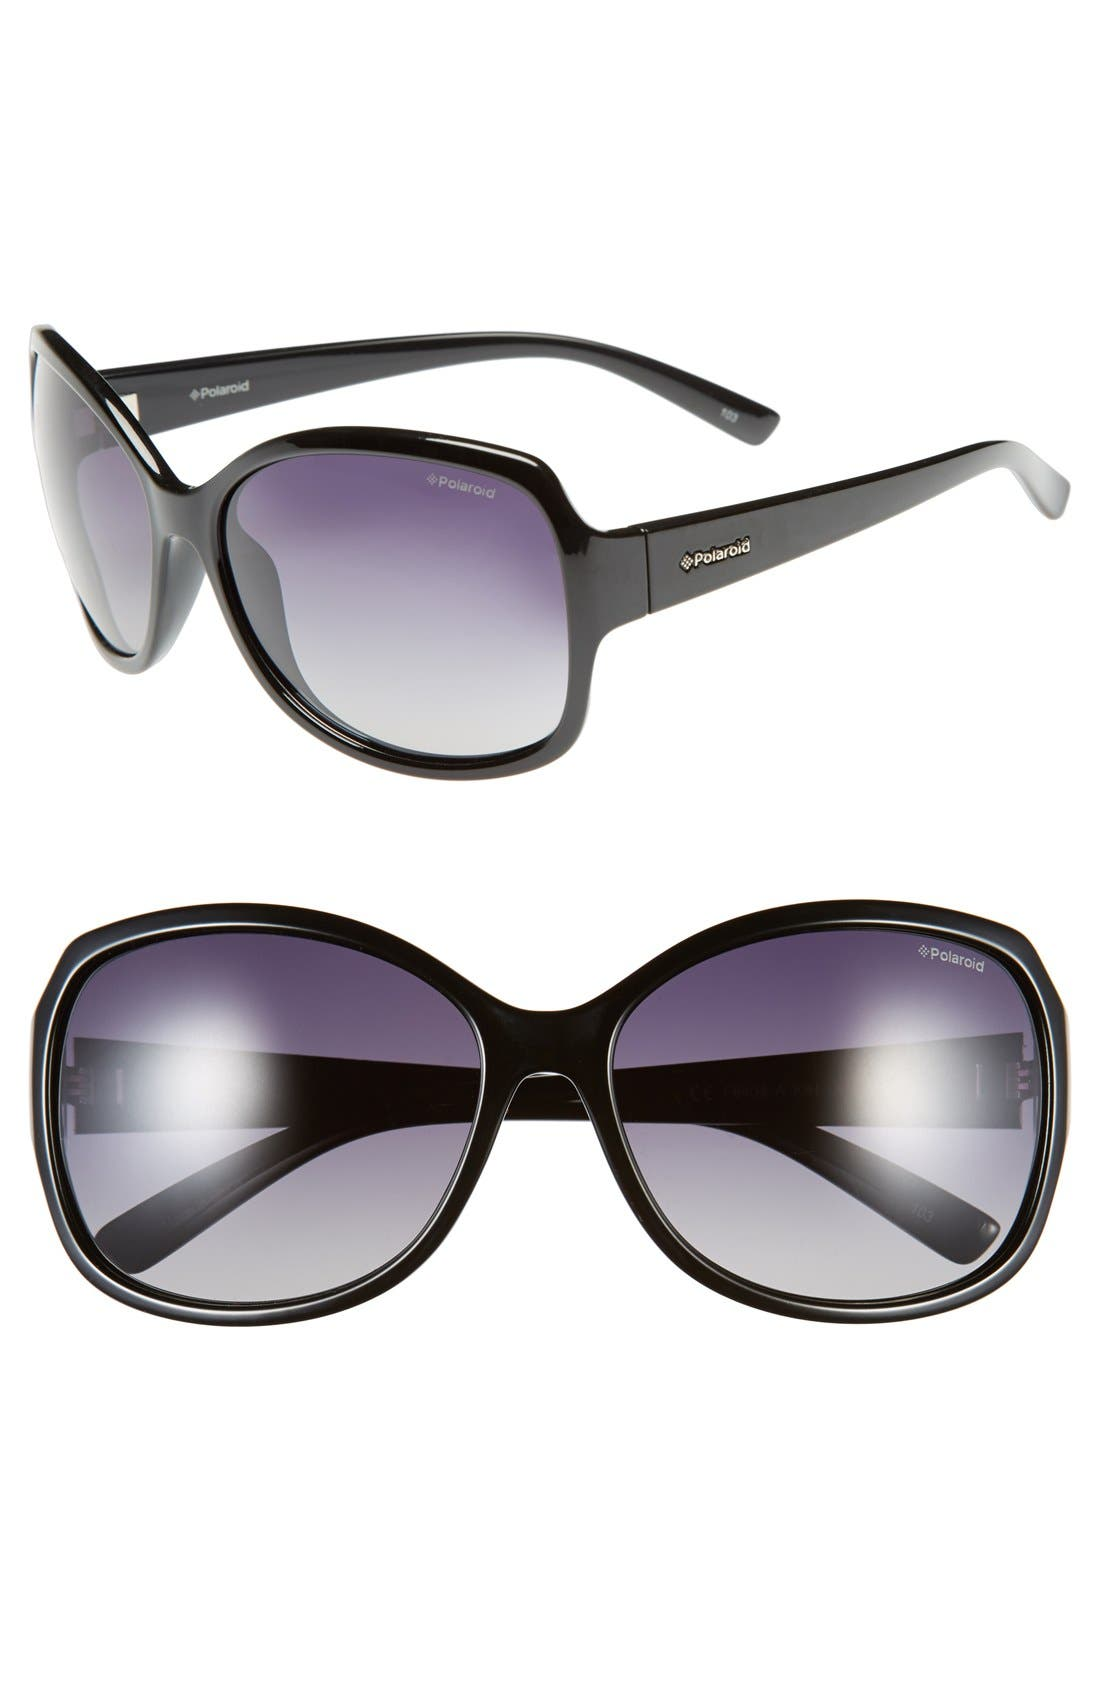 Main Image - Polaroid Eyewear 62mm Polarized Sunglasses